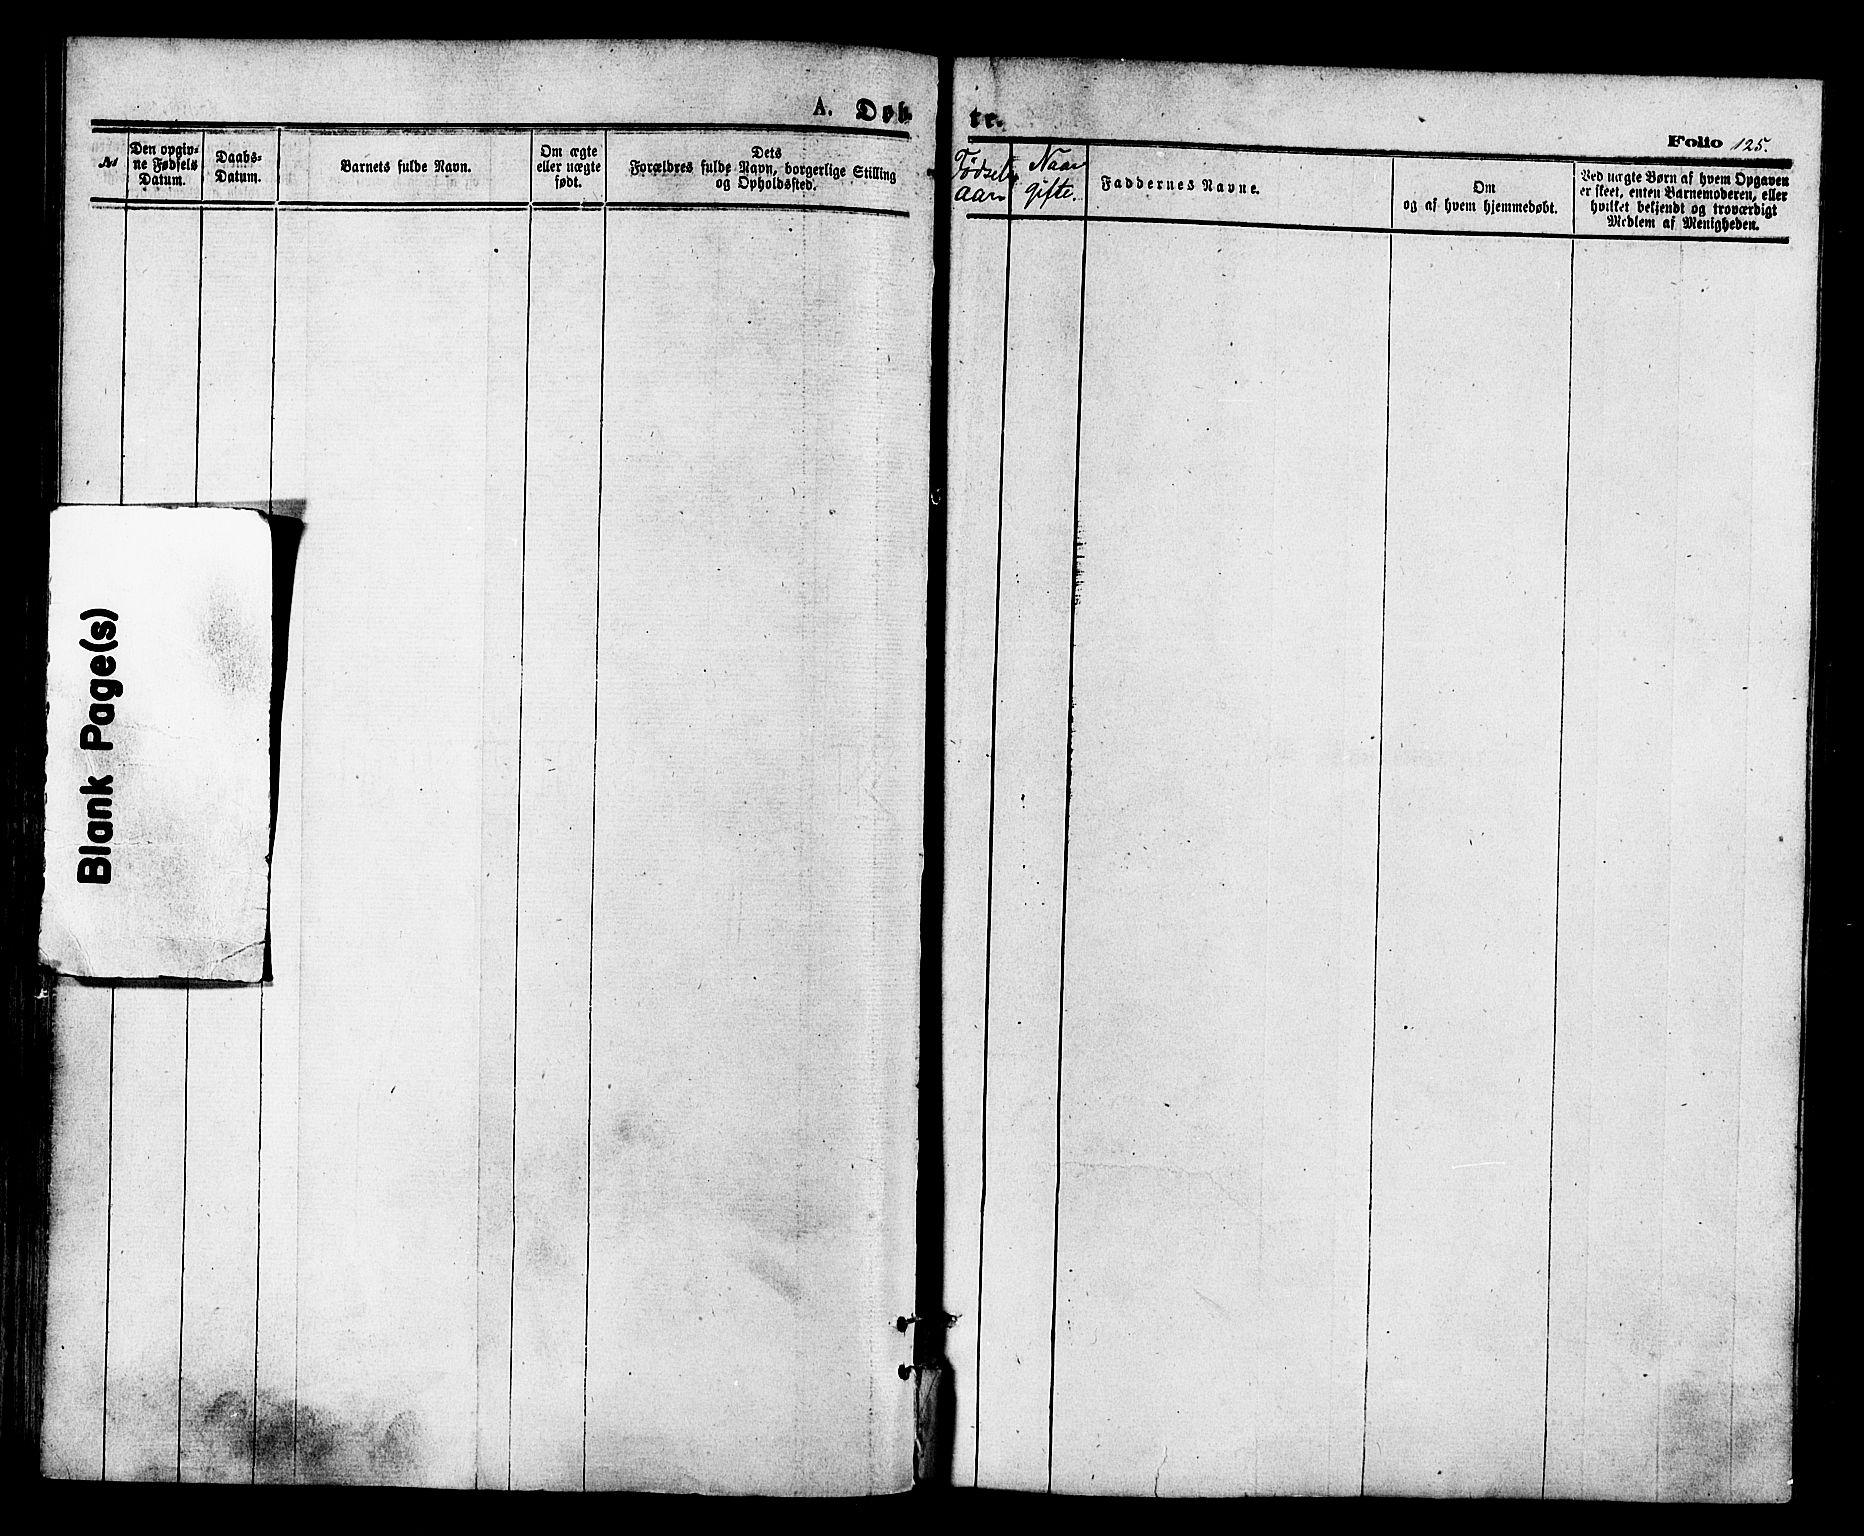 SATØ, Vardø sokneprestkontor, H/Ha/L0005kirke: Ministerialbok nr. 5, 1872-1878, s. 125